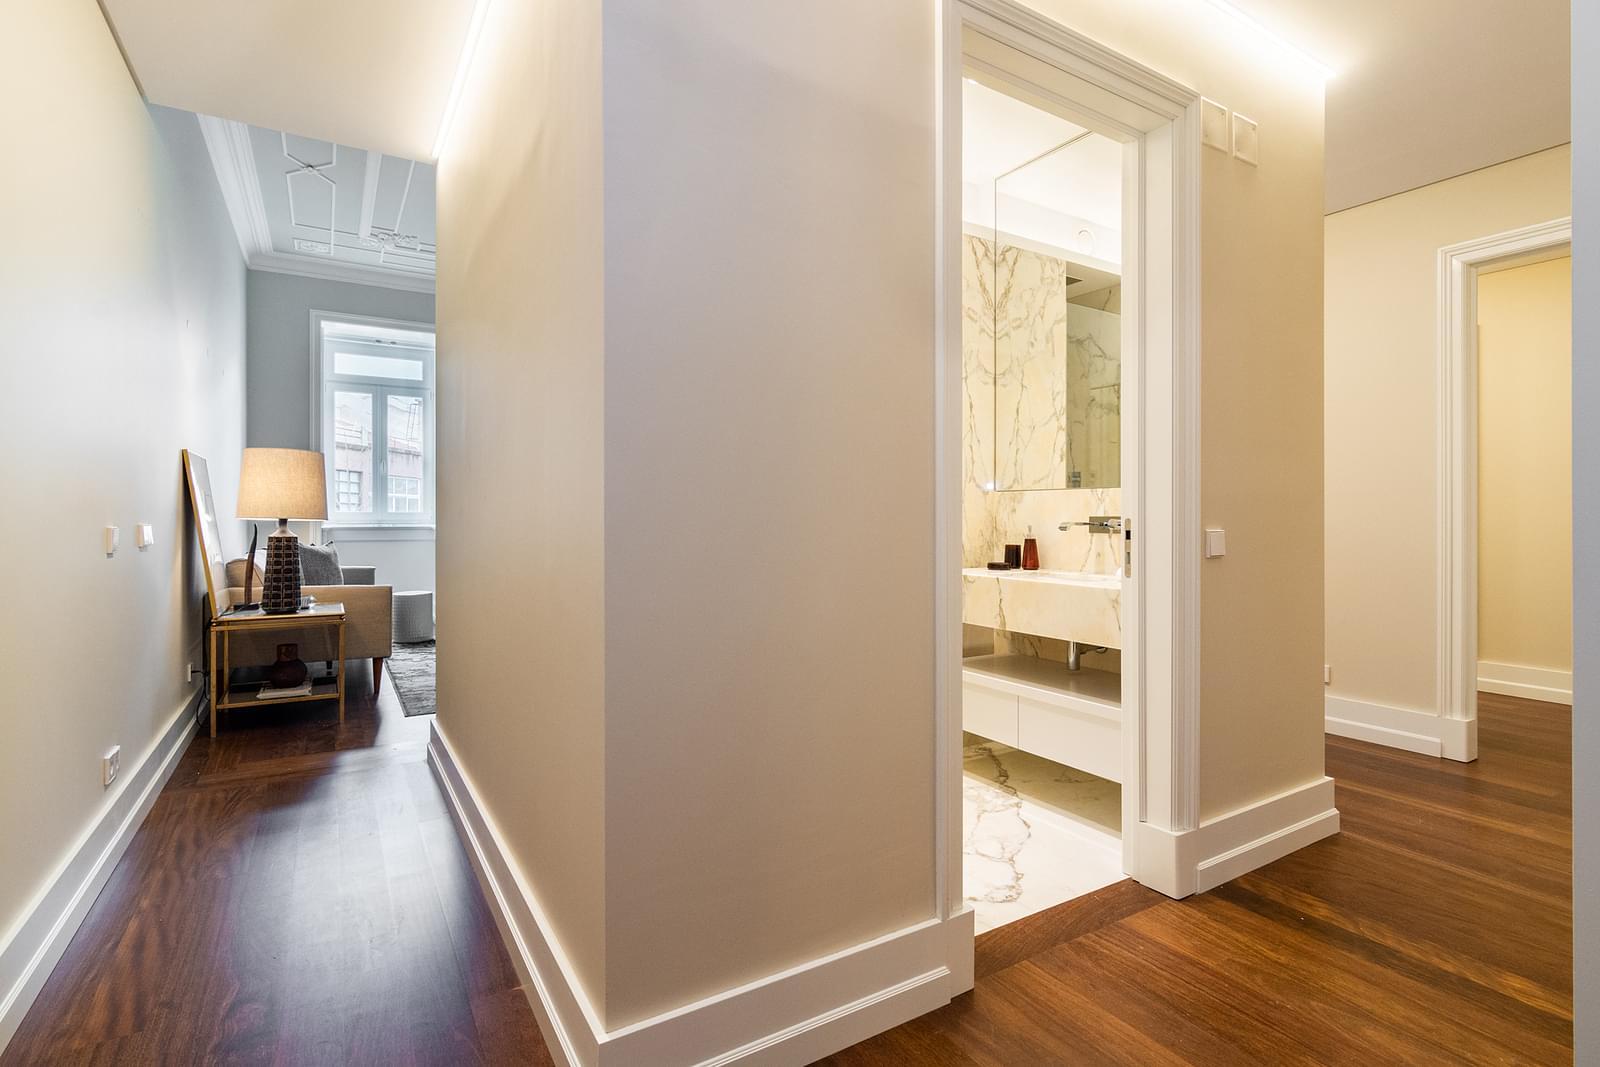 pf19003-apartamento-t2-lisboa-df64b118-c18b-401d-9825-5db346076d1e